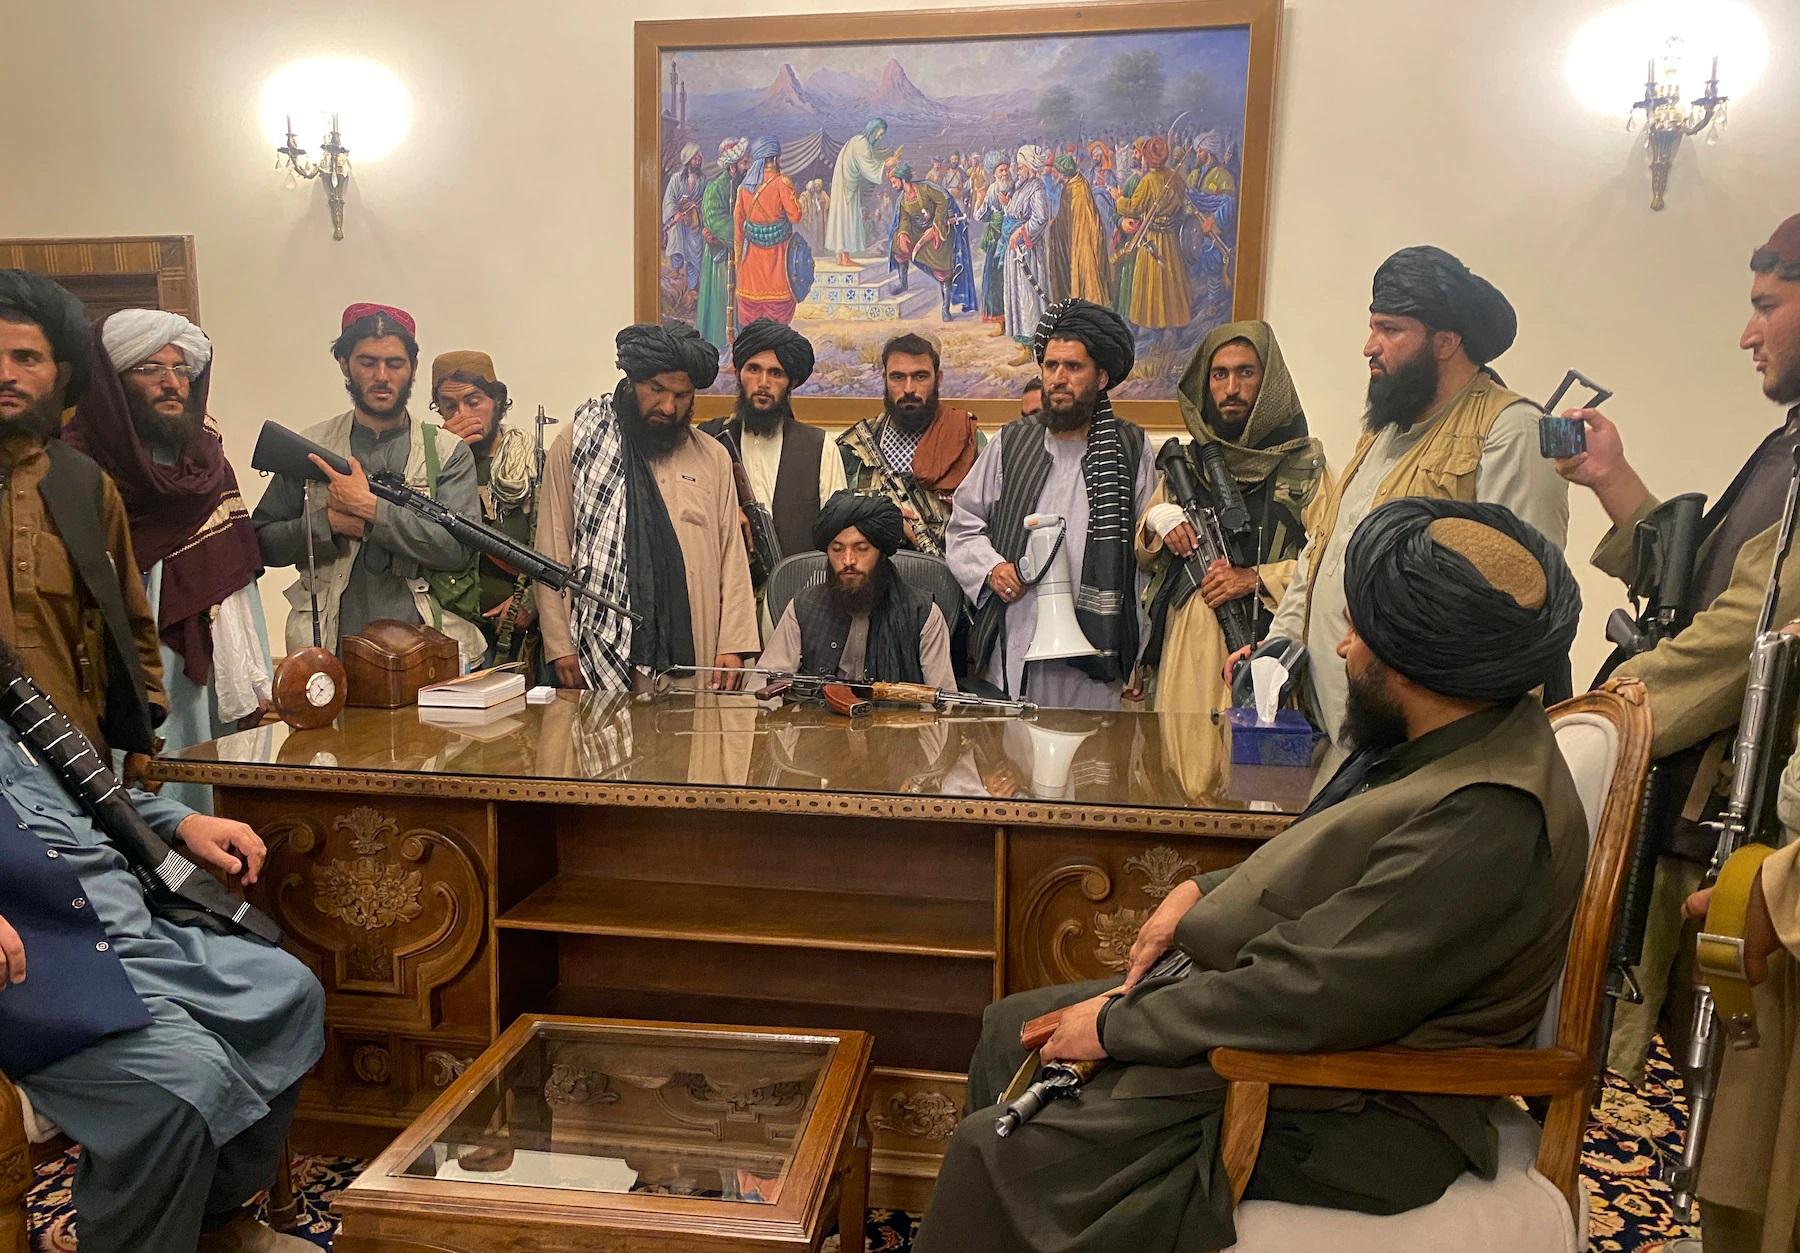 काबुल में अफगानिस्तान सरकार के दफ्तरों में तालिबान के लड़ाके काबिज हो चुके हैं।